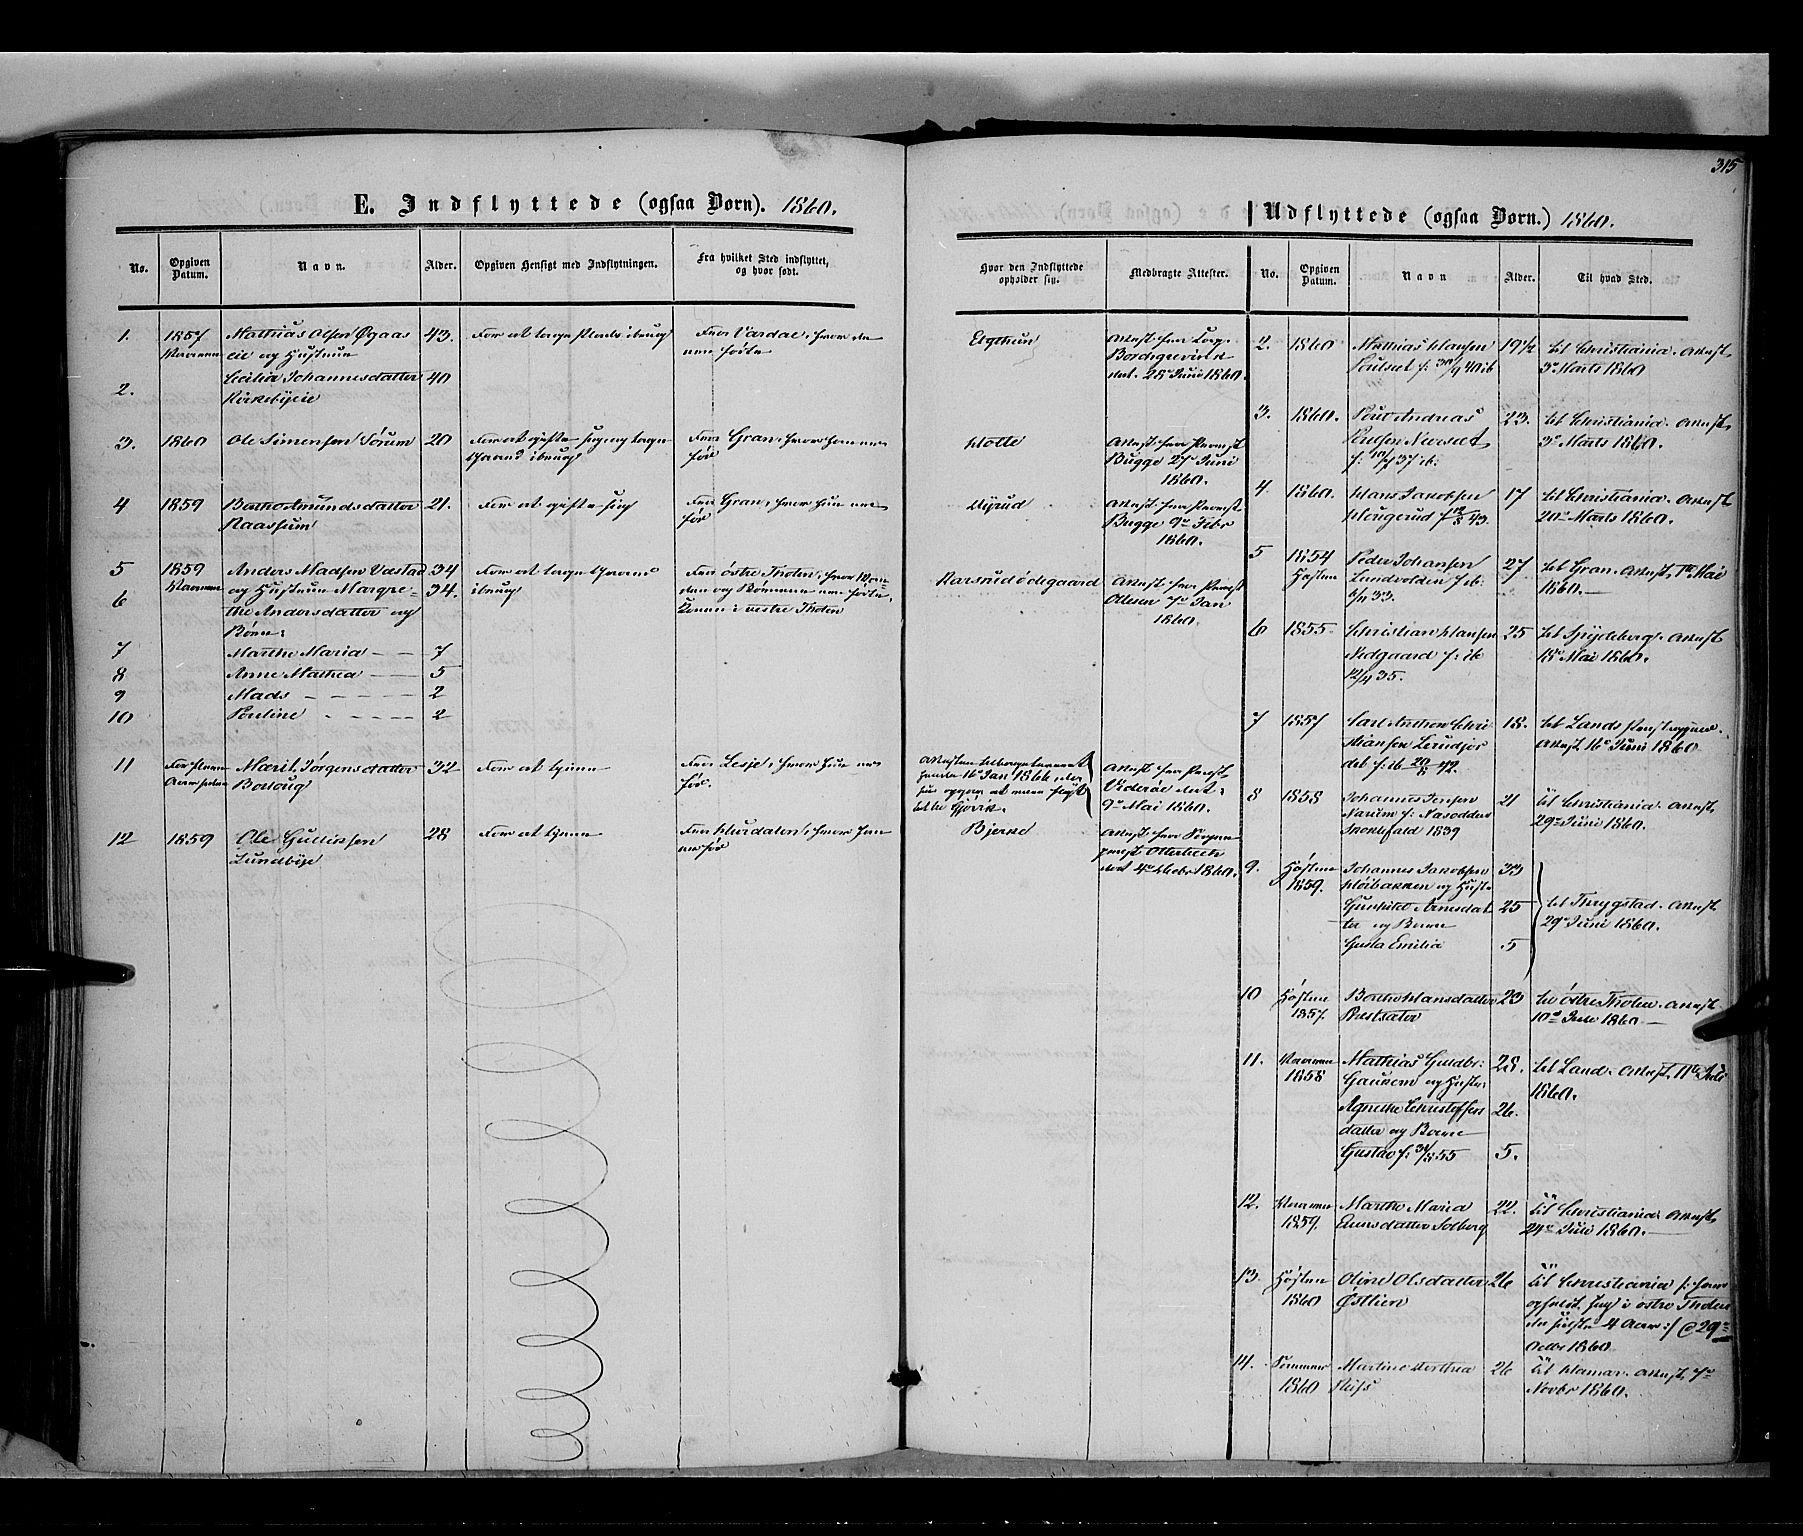 SAH, Vestre Toten prestekontor, Ministerialbok nr. 6, 1856-1861, s. 315